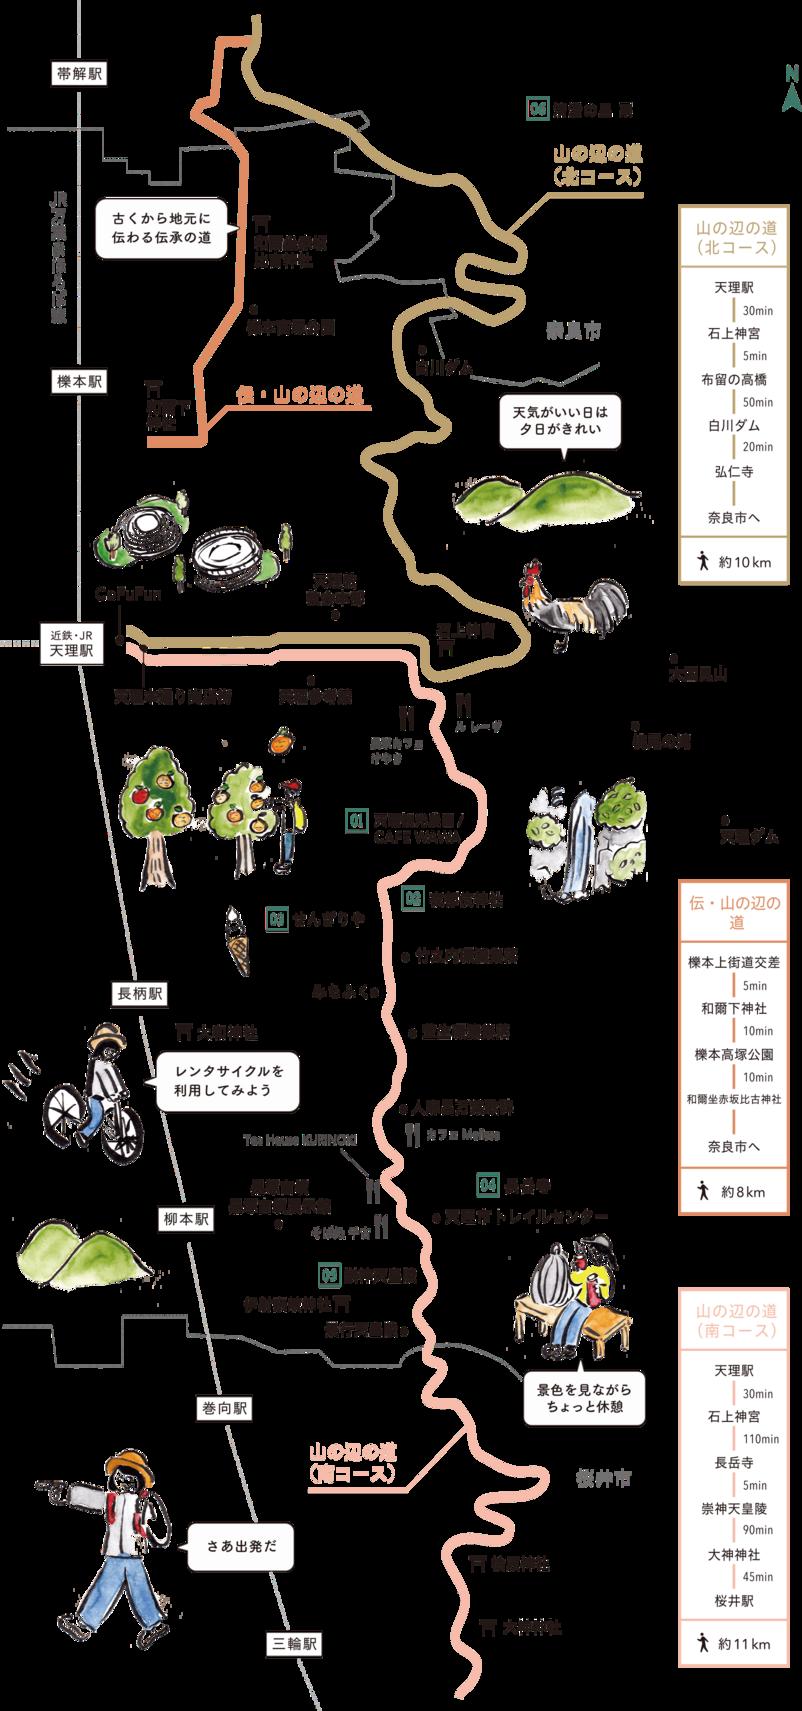 日本最古の道 MAP